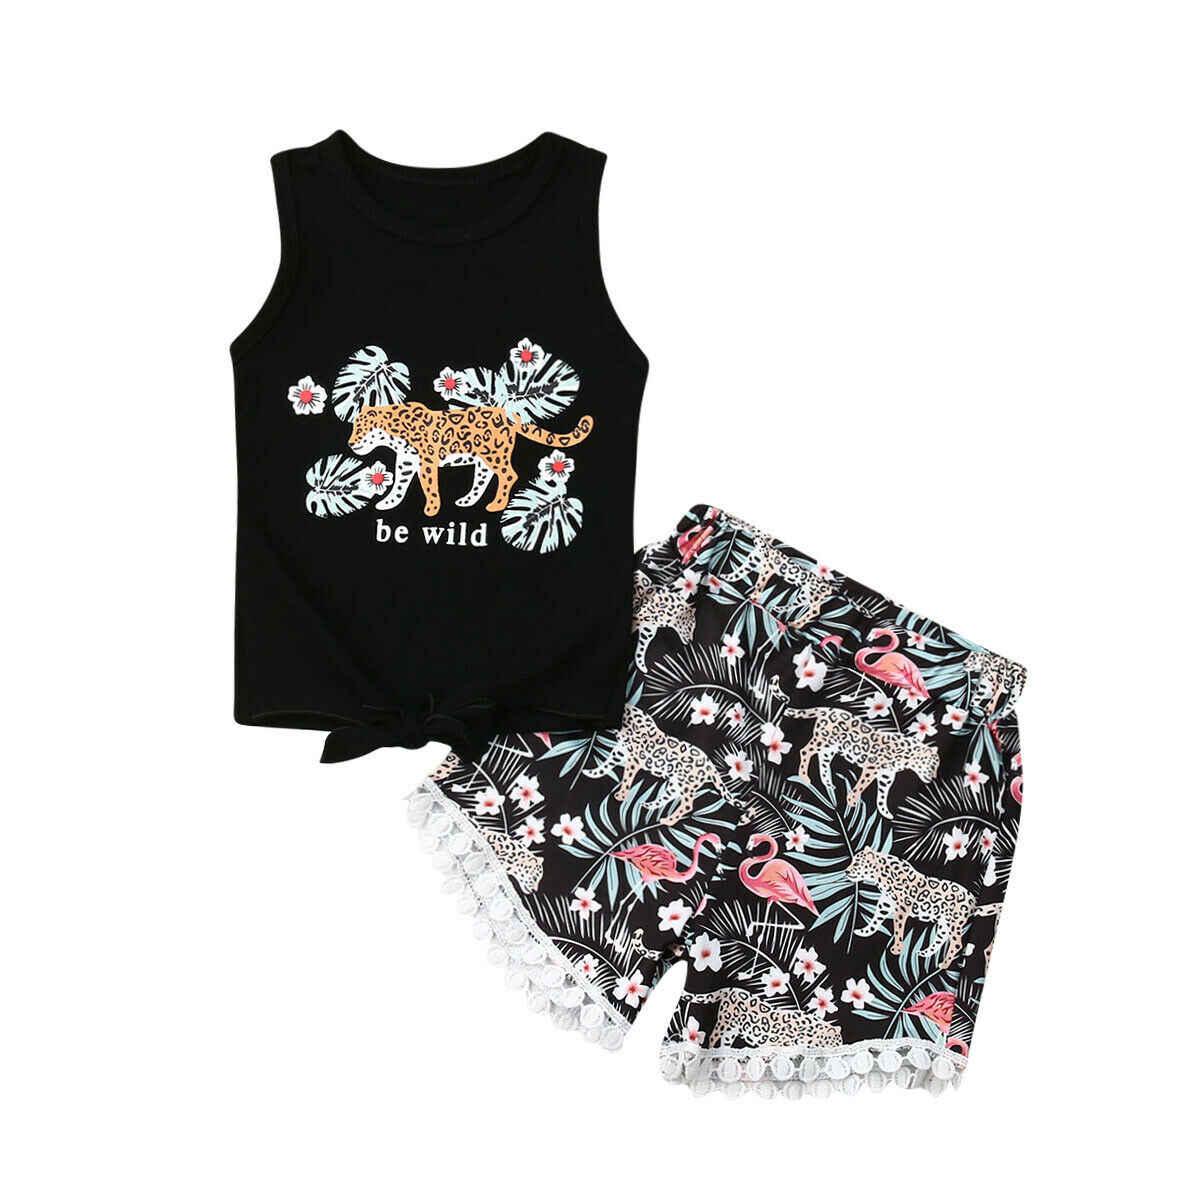 2019 男児カジュアル 2 個の夏の子供ノースリーブ黒プリントベストトップス + ヒョウ柄レースエッジショートパンツの衣装セット